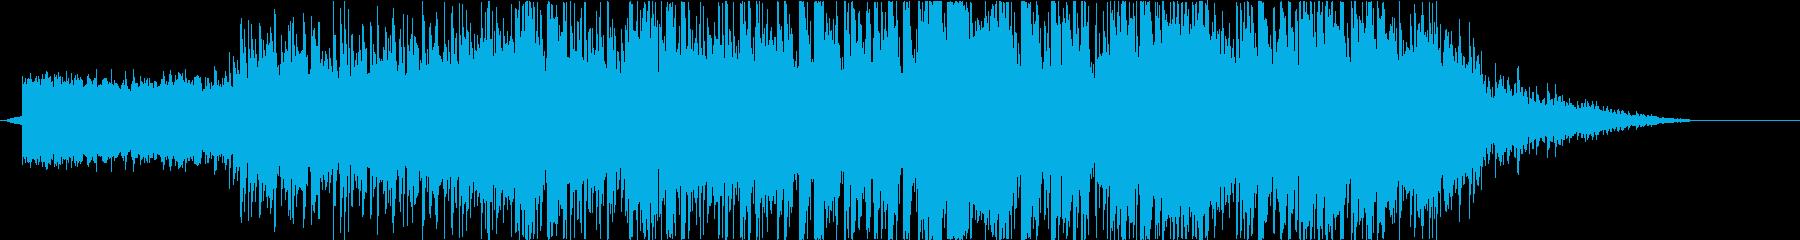 大人な雰囲気のディスコ サックスが艶やかの再生済みの波形